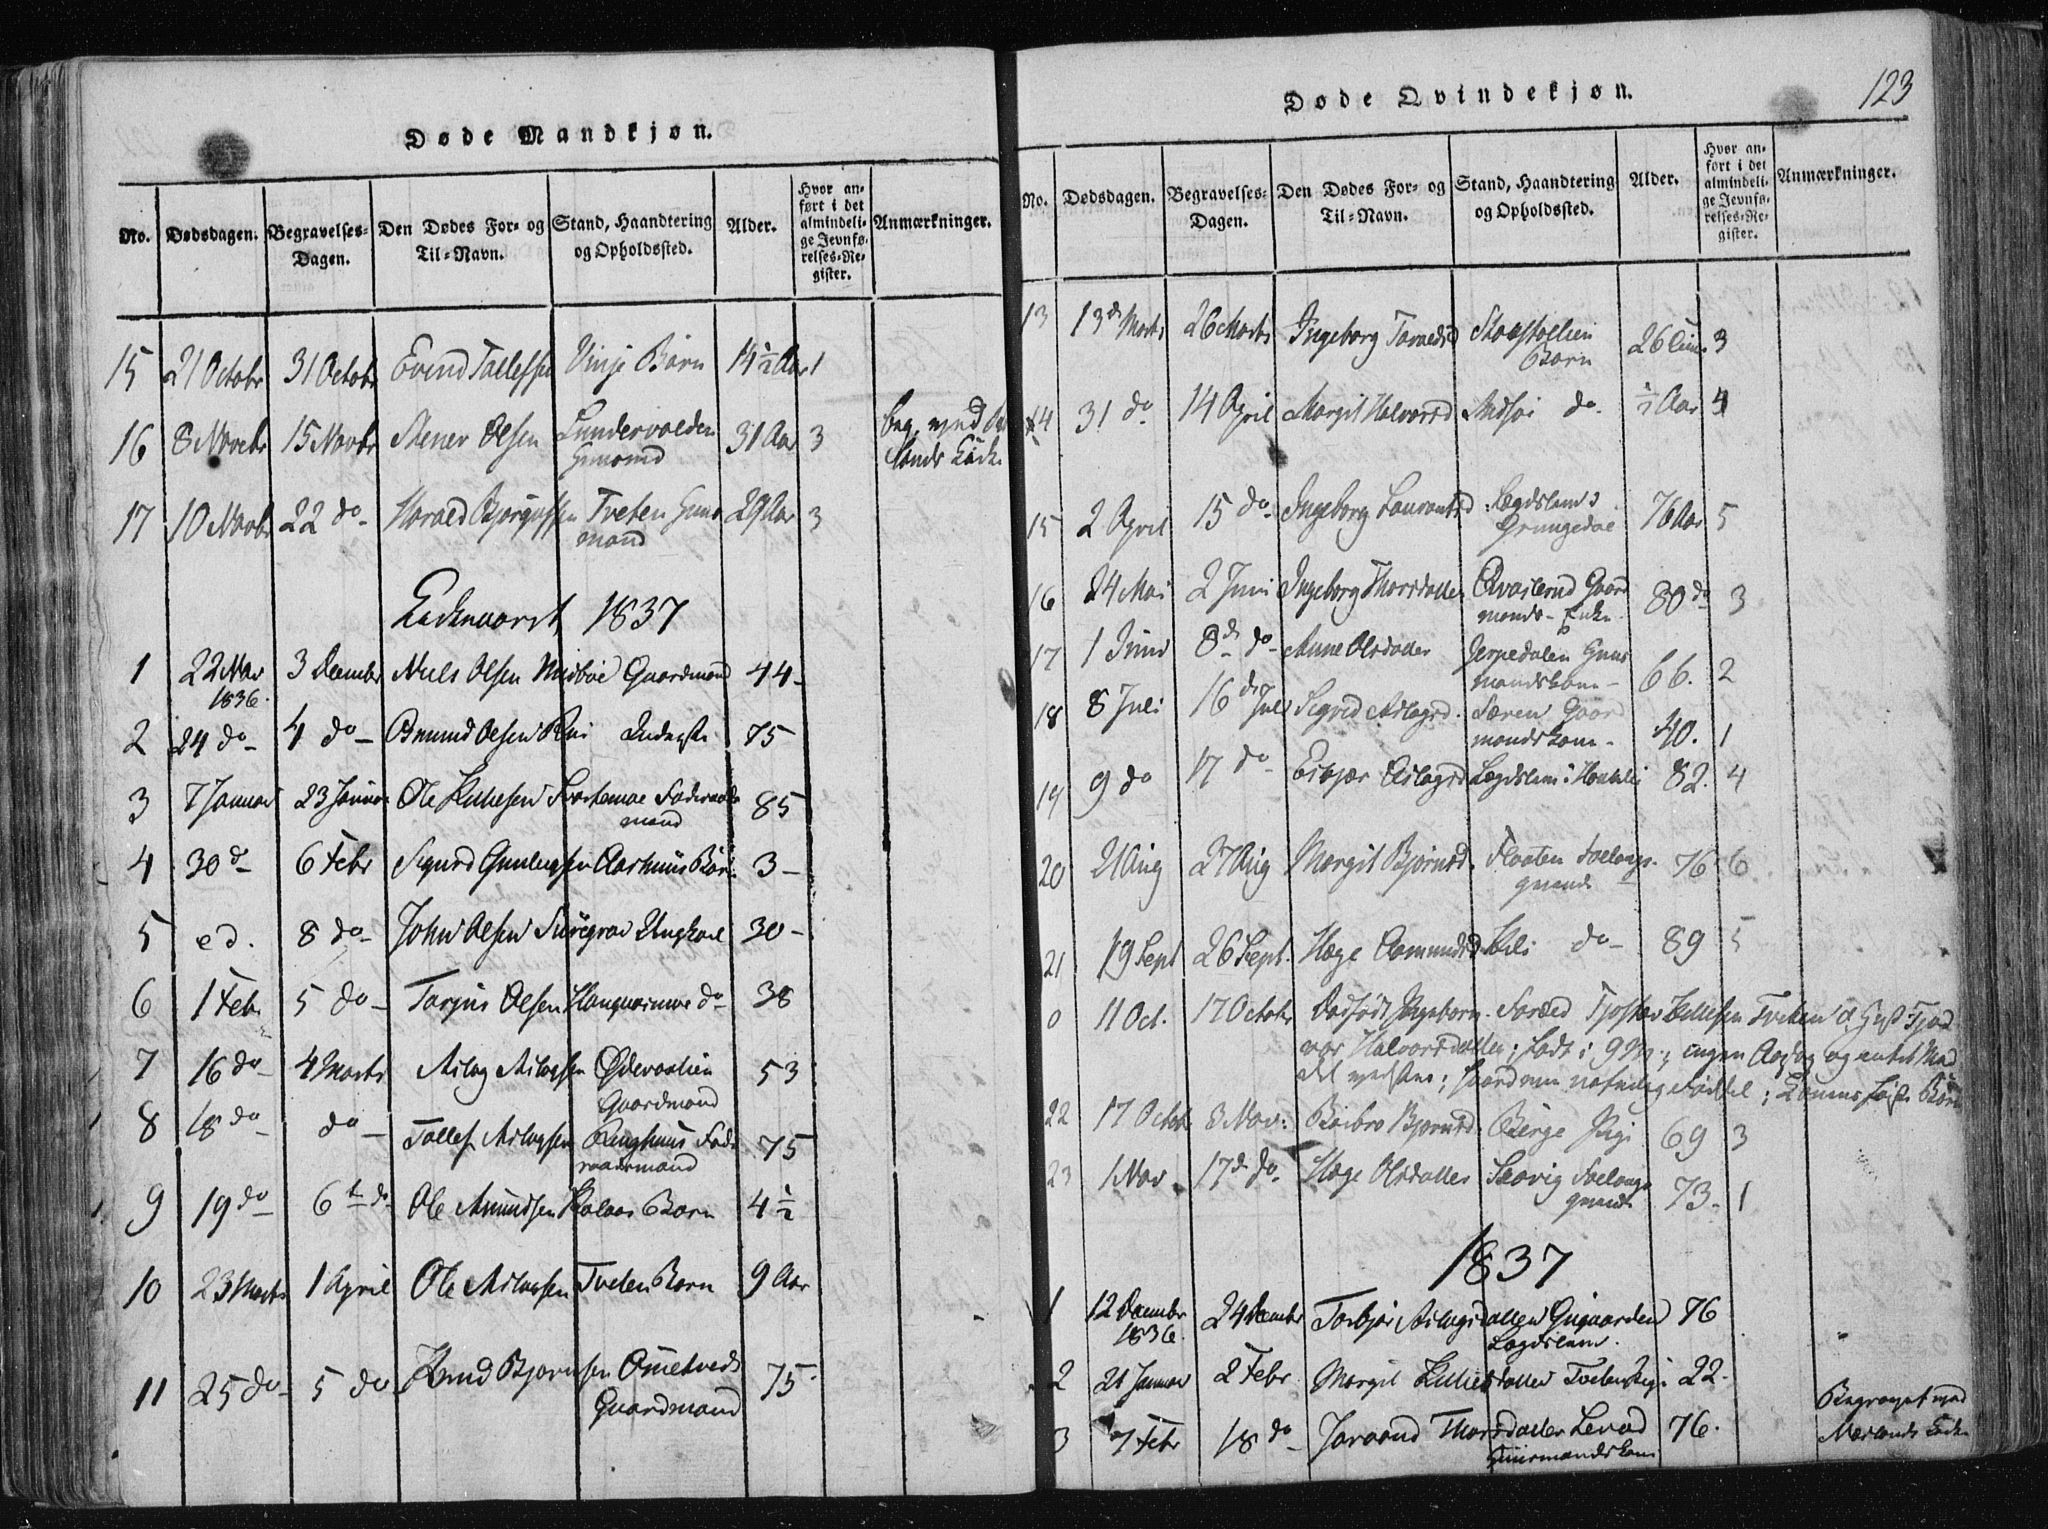 SAKO, Vinje kirkebøker, F/Fa/L0003: Ministerialbok nr. I 3, 1814-1843, s. 123